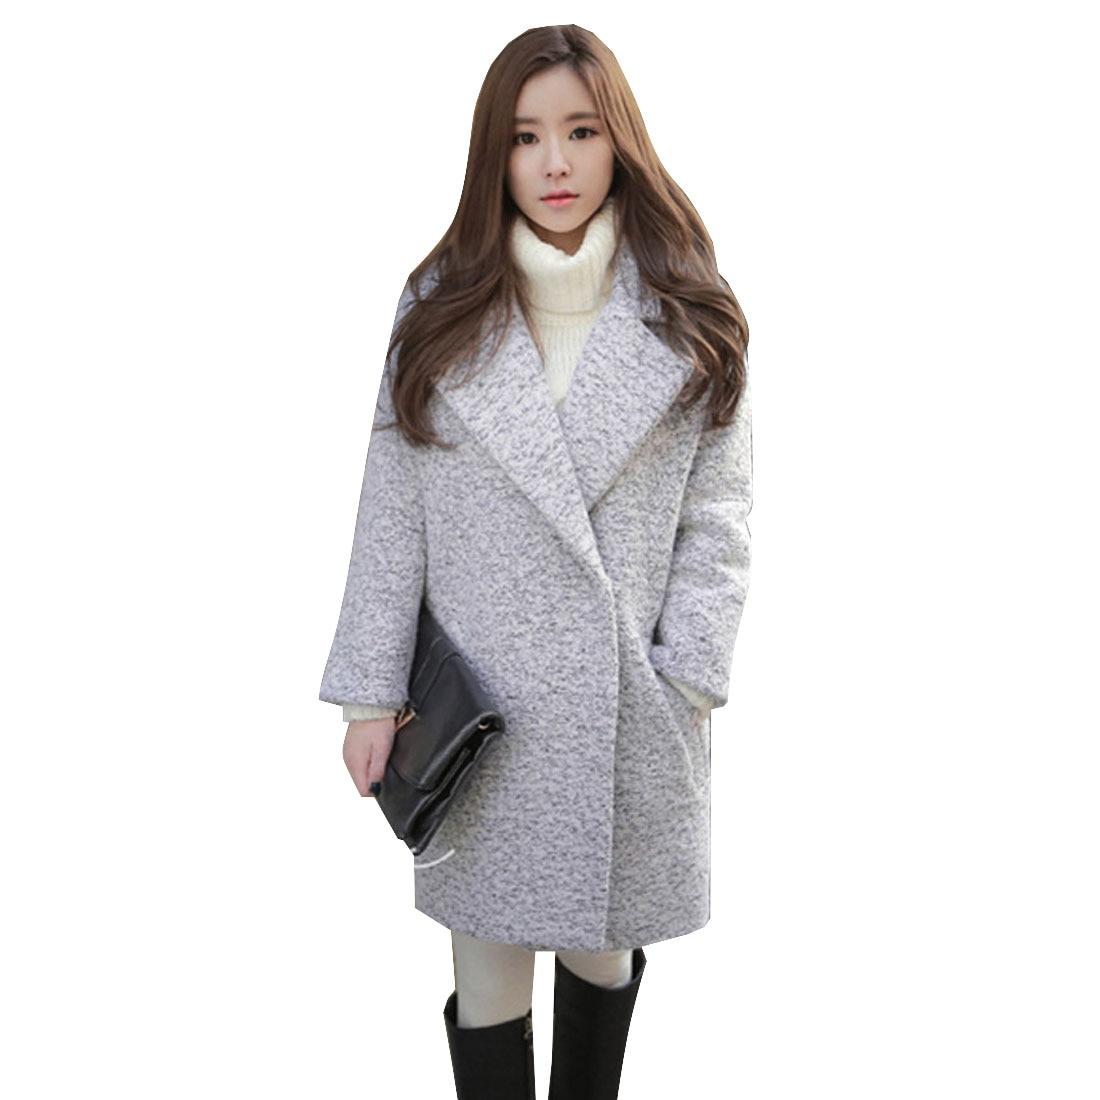 Col D'hiver De À Beige Mélange Laine Cardigan Mode Revers Femme X8n0POkw